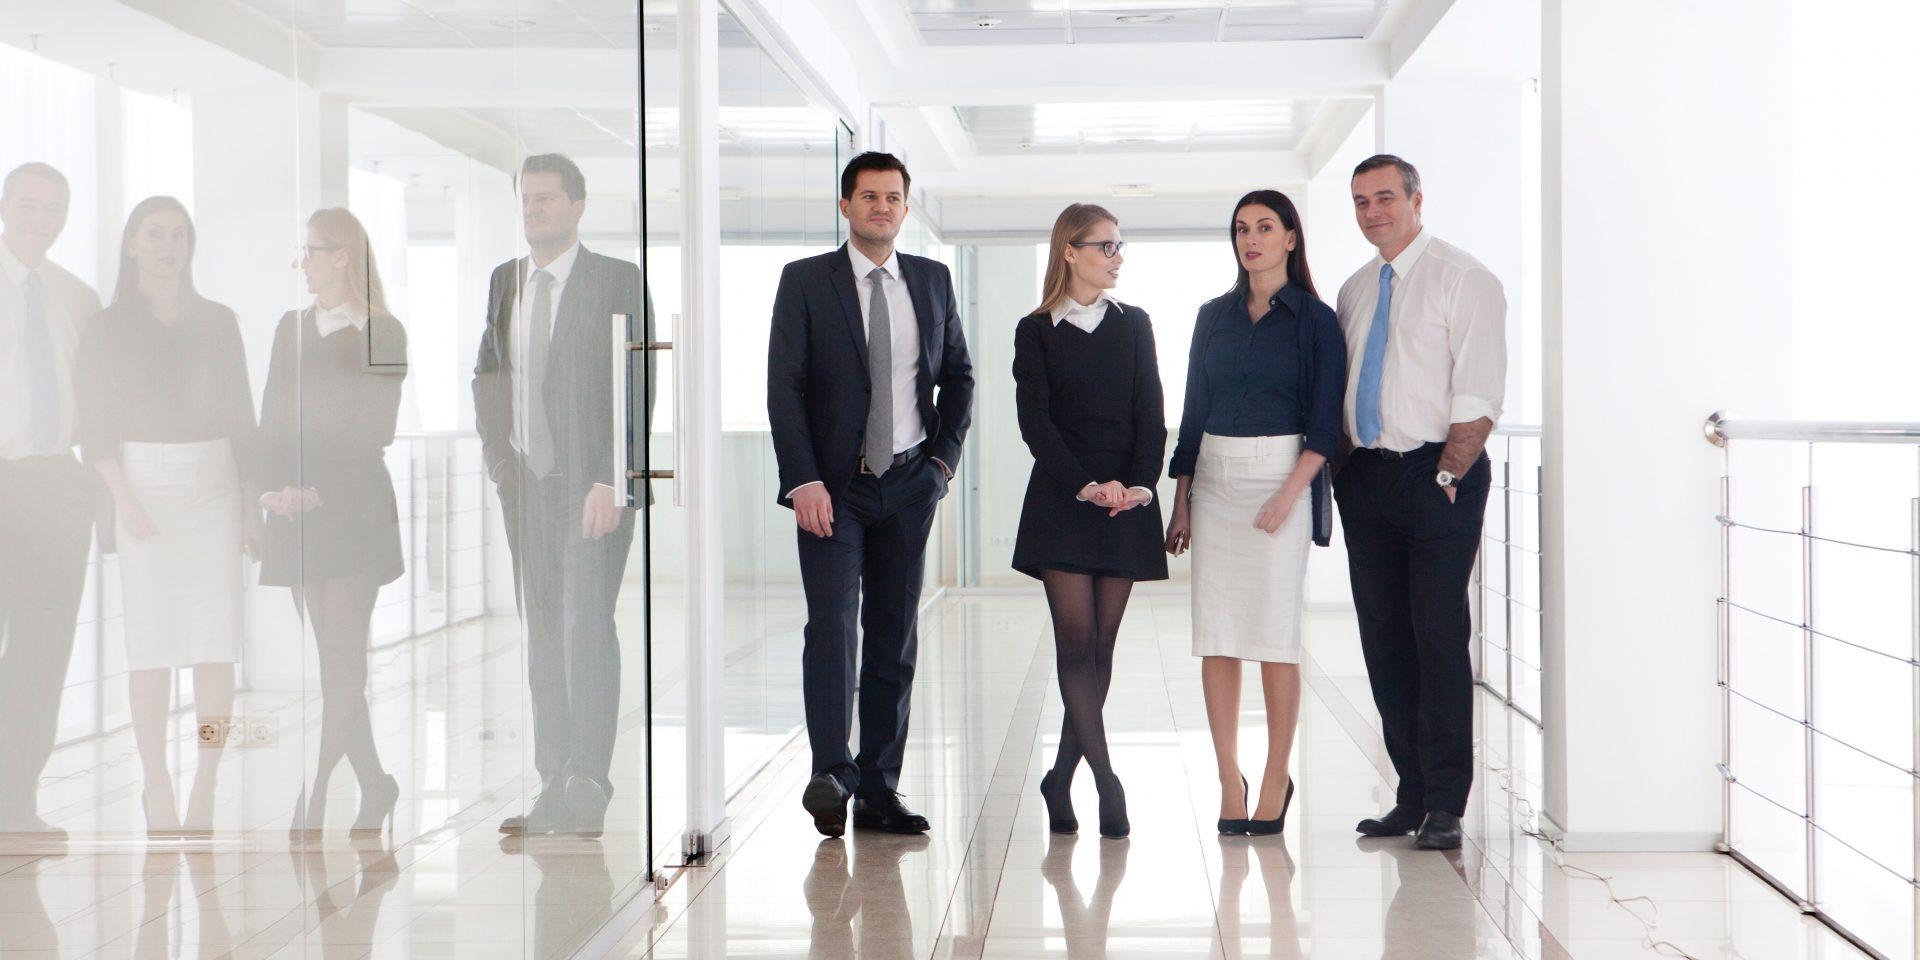 外国人ビジネスマン男女4人